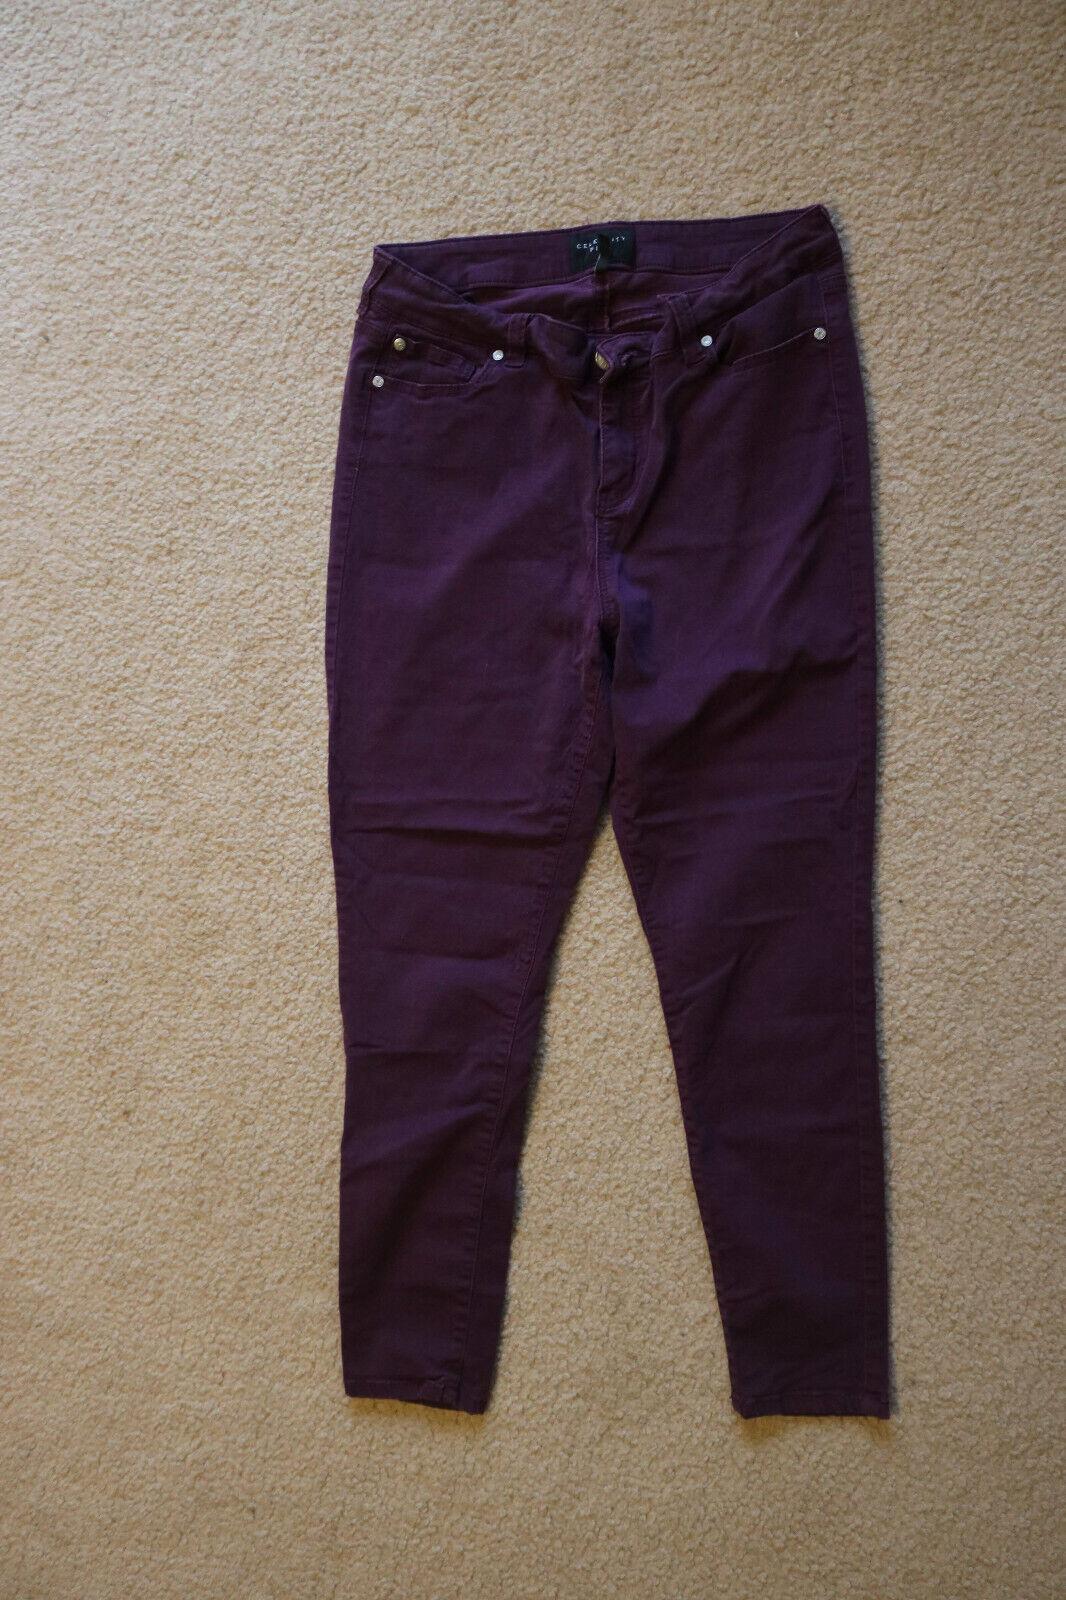 Celebrity Pink Jarden Skinny Women's Jeans purple Size 14